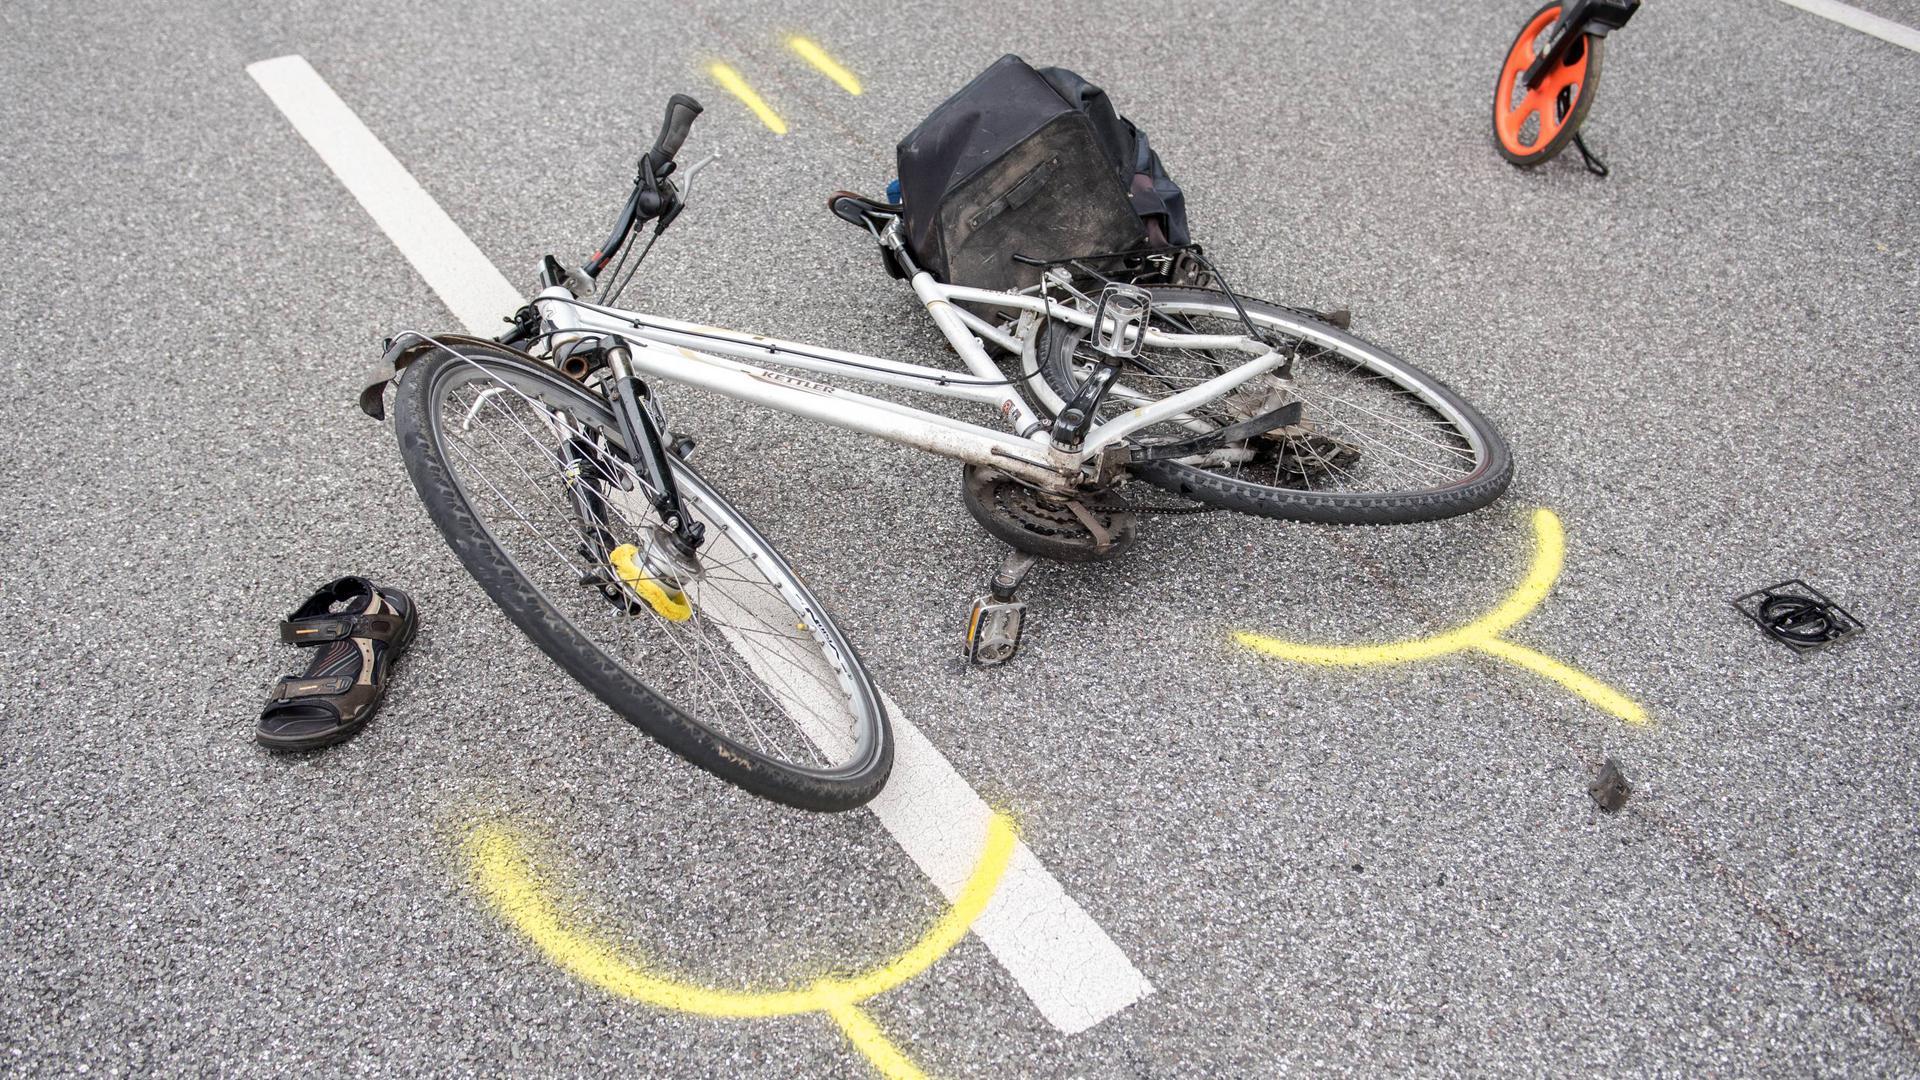 ARCHIV - 17.08.2017, Hamburg: Ein Fahrrad liegt nach einem Verkehrsunfall auf der Straße. Der Radfahrer sei laut Polizei aus bisher ungeklärter Ursache mit einem Lkw kollidiert und erlitt dabei lebensgefährliche Verletzungen. (zu dpa: «Immer mehr Radunfälle - Fahrsicherheit lässt zu wünschen übrig») Foto: Daniel Bockwoldt/dpa +++ dpa-Bildfunk +++ | Verwendung weltweit